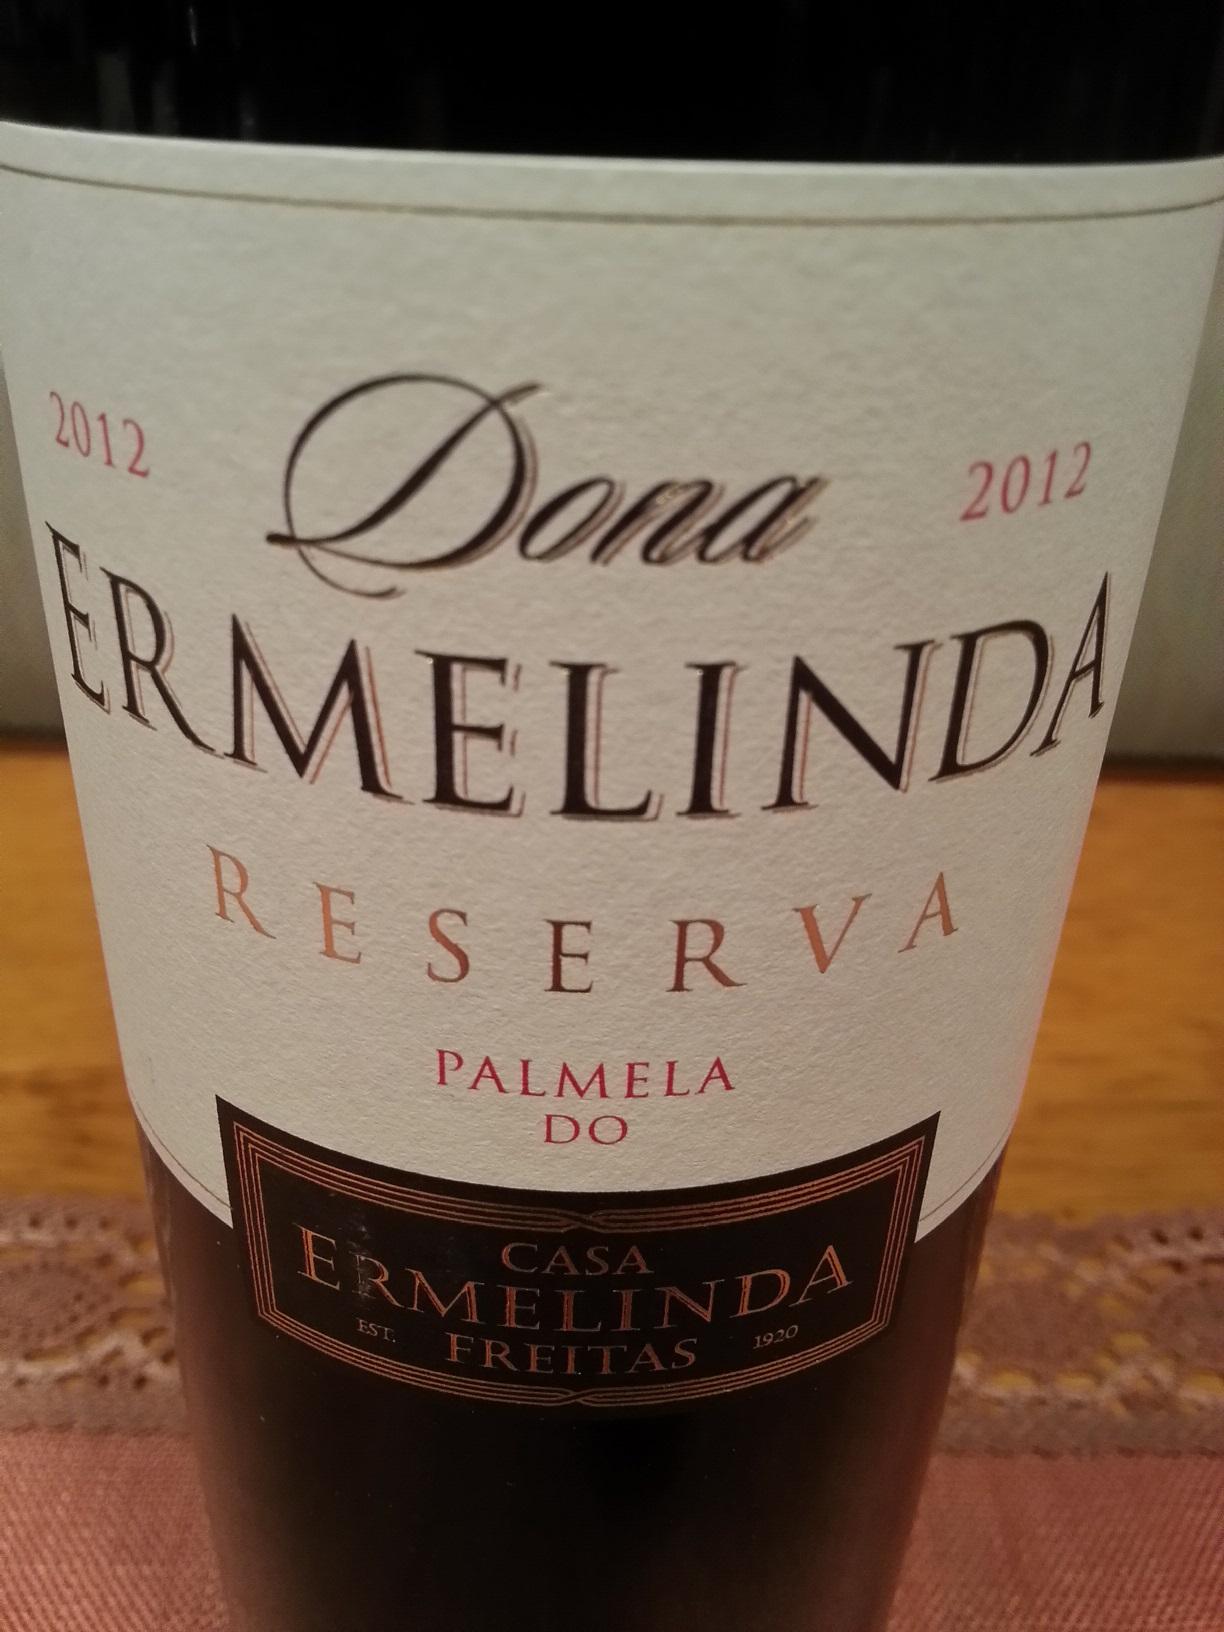 2012 Dona Ermelinda Reserva | Ermelinda Freitas